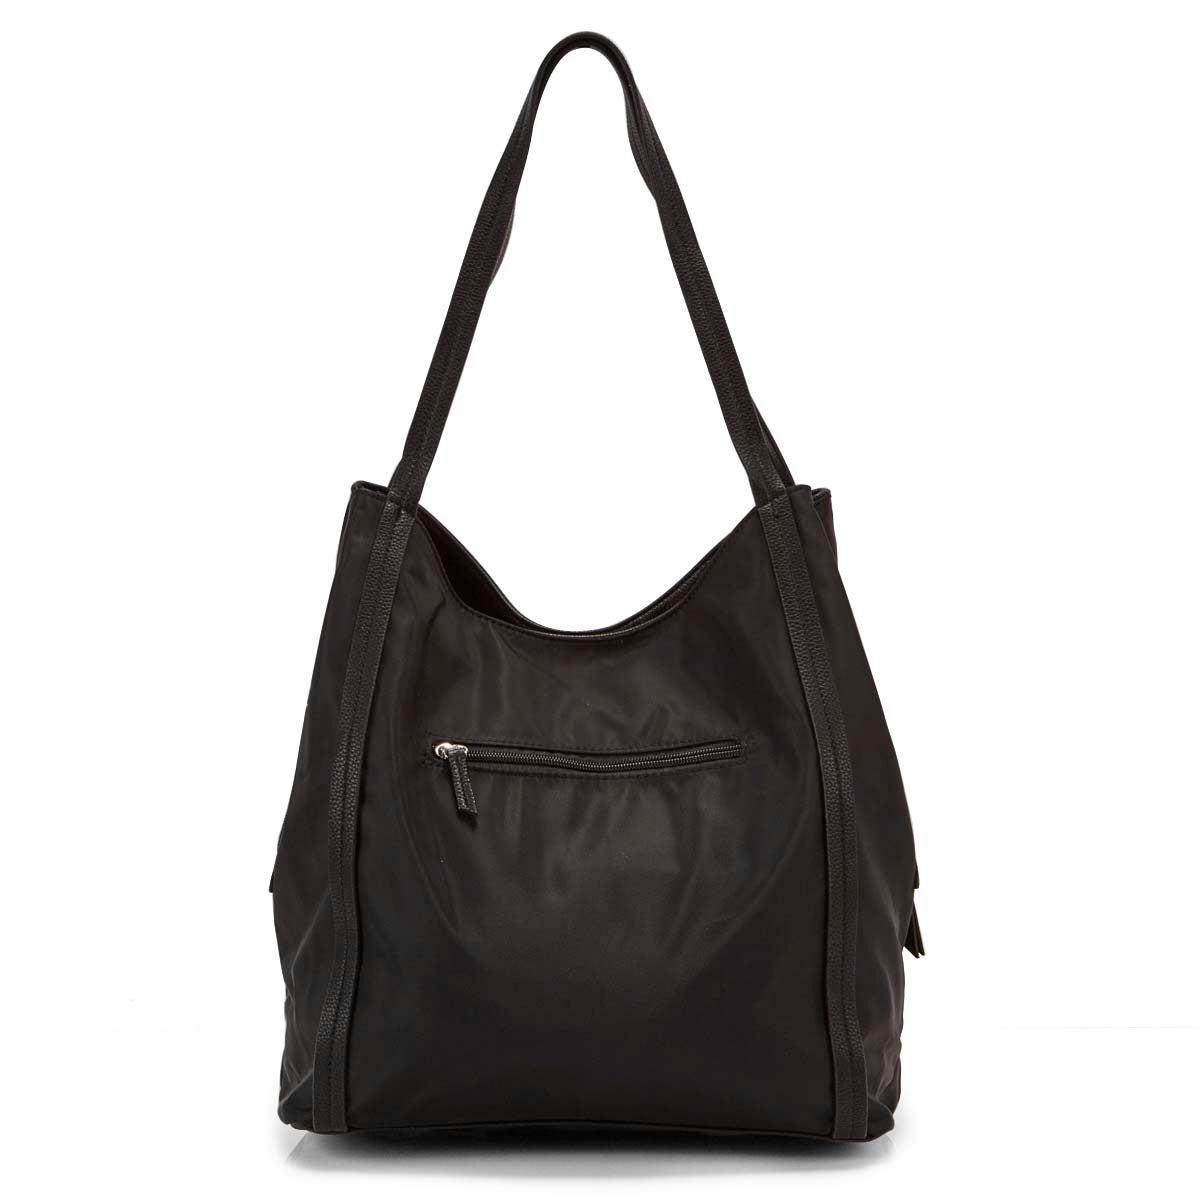 Lds Roots73 black 3 compartment satchel